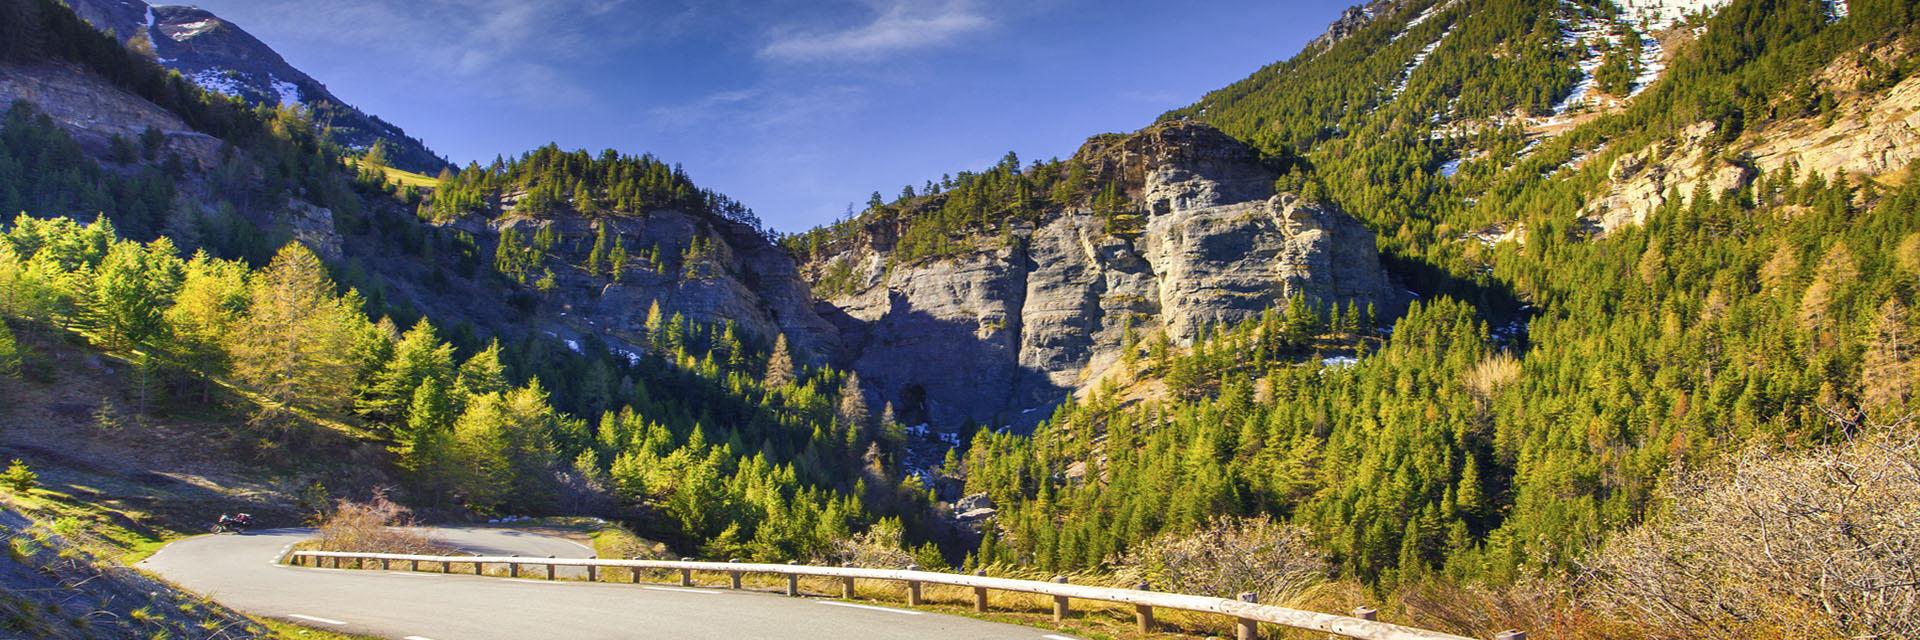 village-vacances-rechastel-route-nature-cal-de-isoard